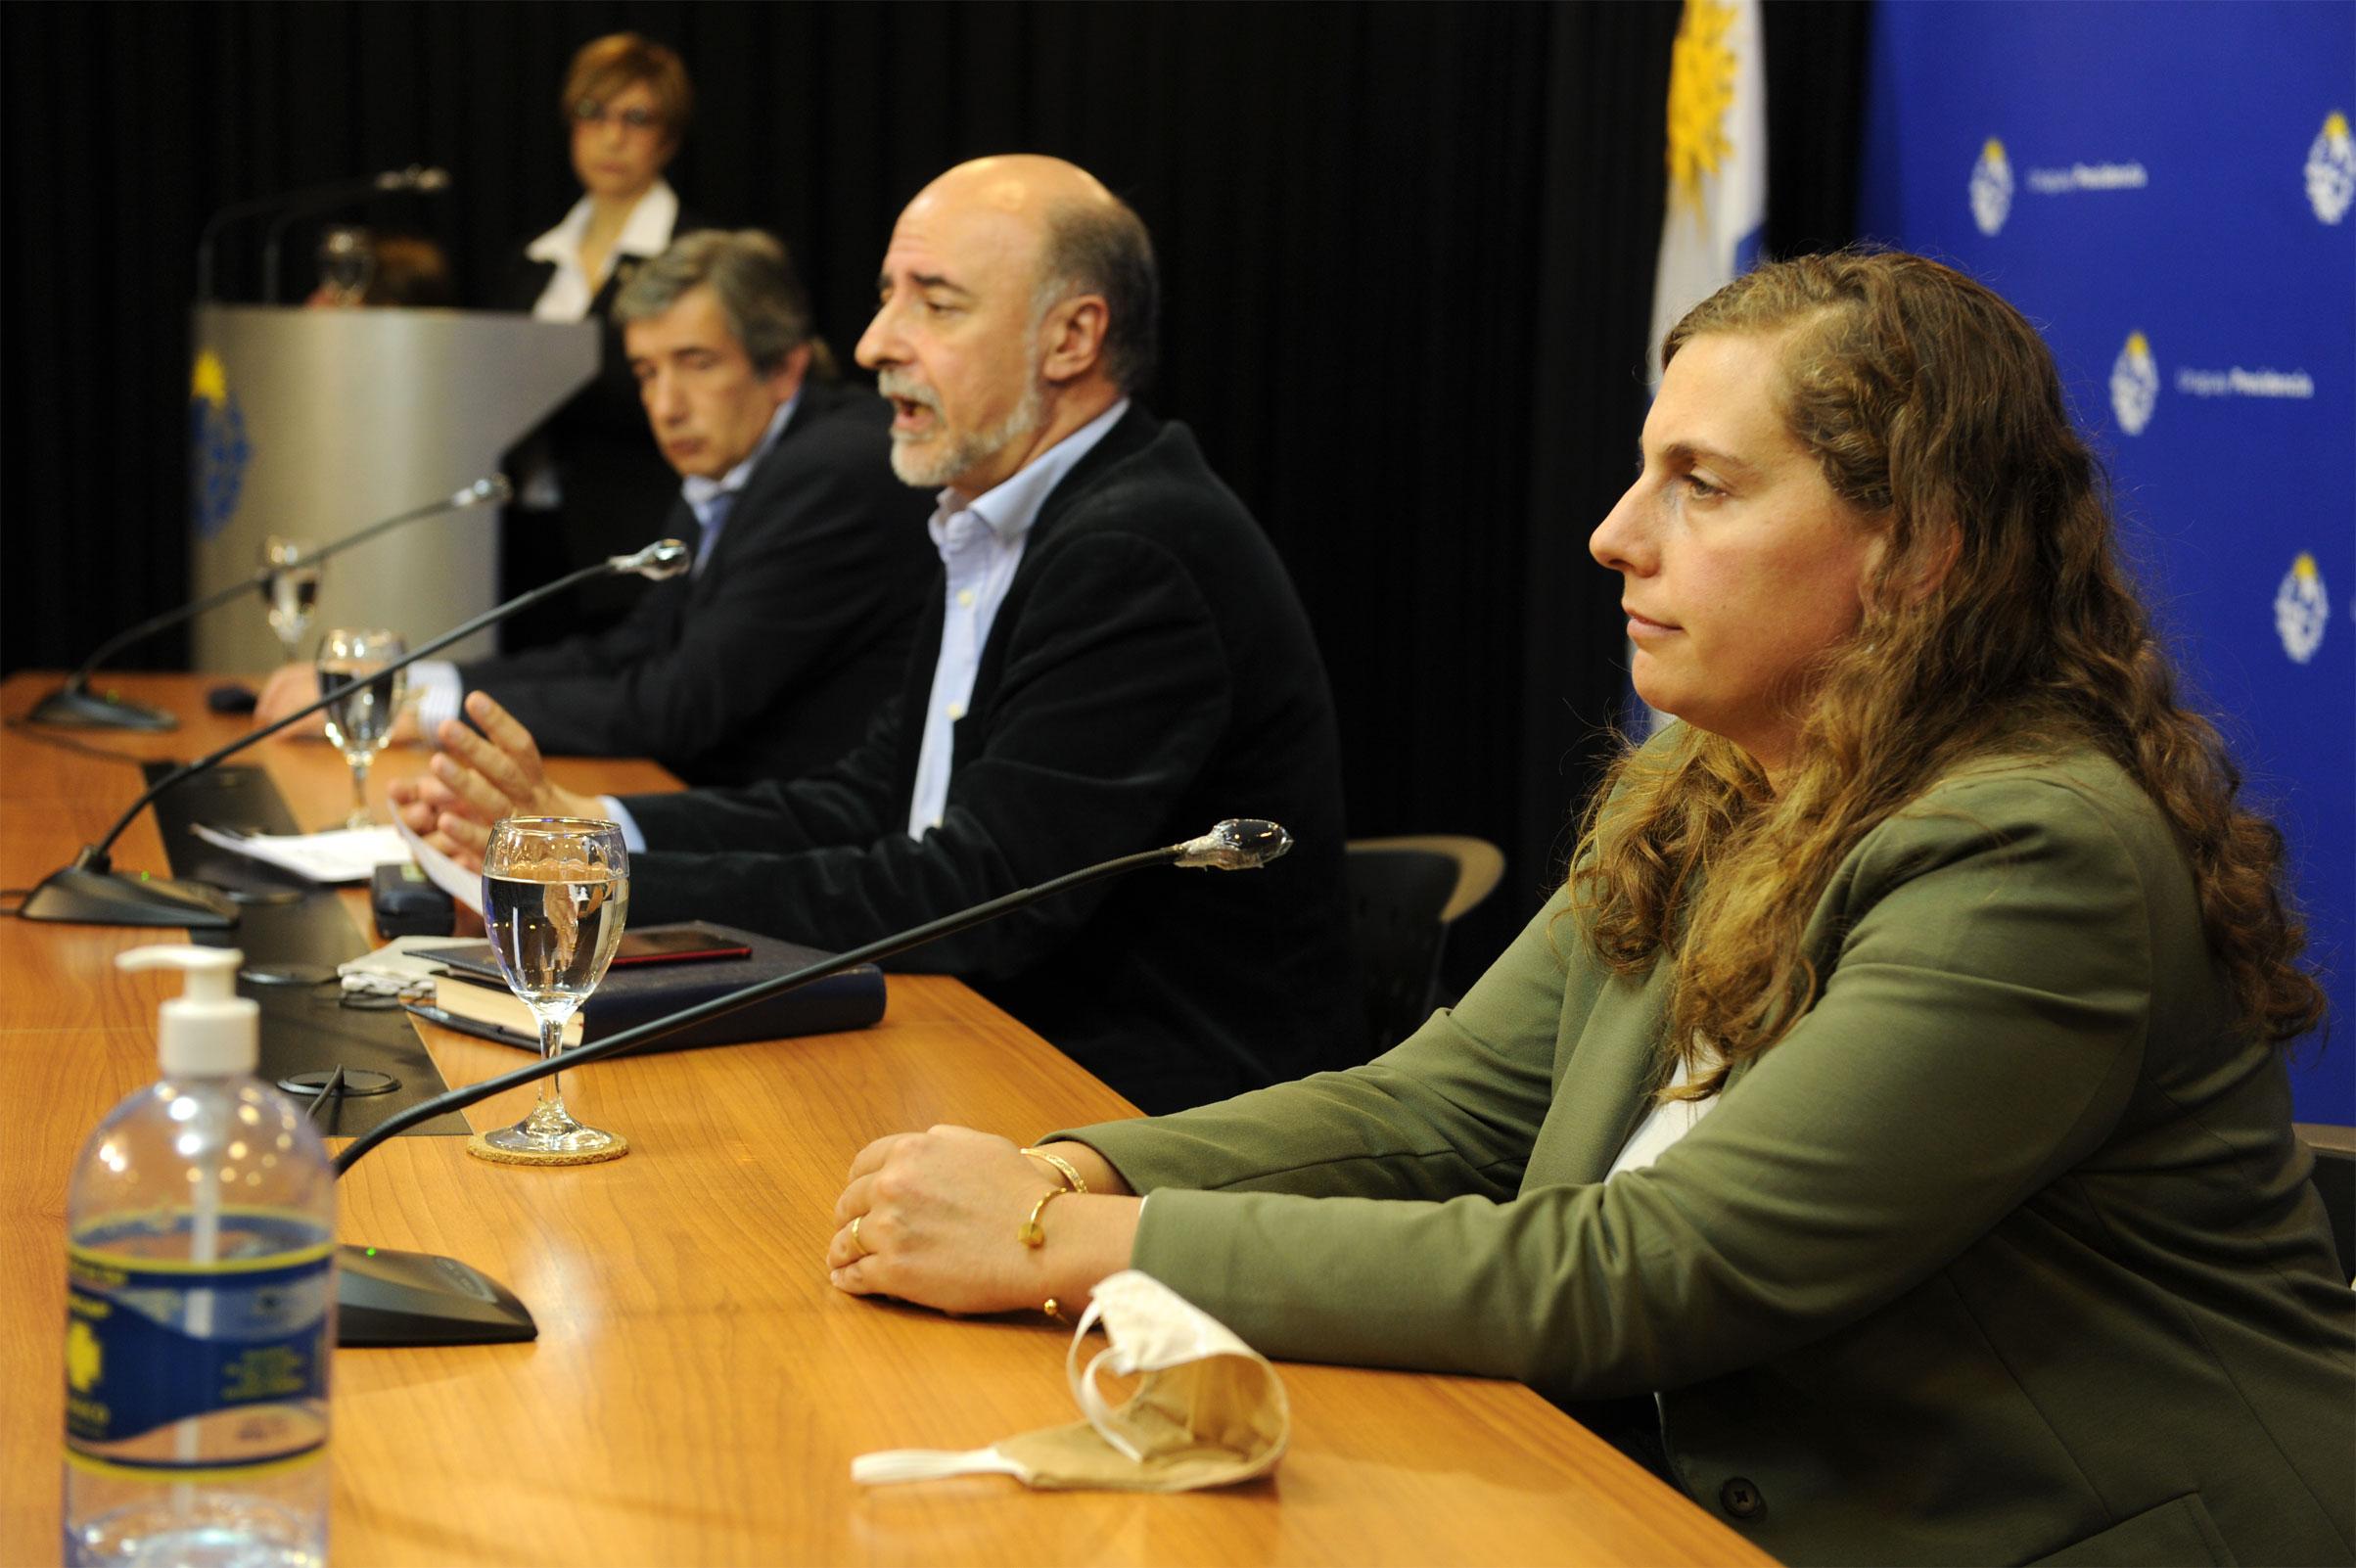 Subsecretario de Trabajo, Mario Aritzi, ministro de la cartera, Pablo Mieres, y directora general de Secretaría, Valentina Arlegui